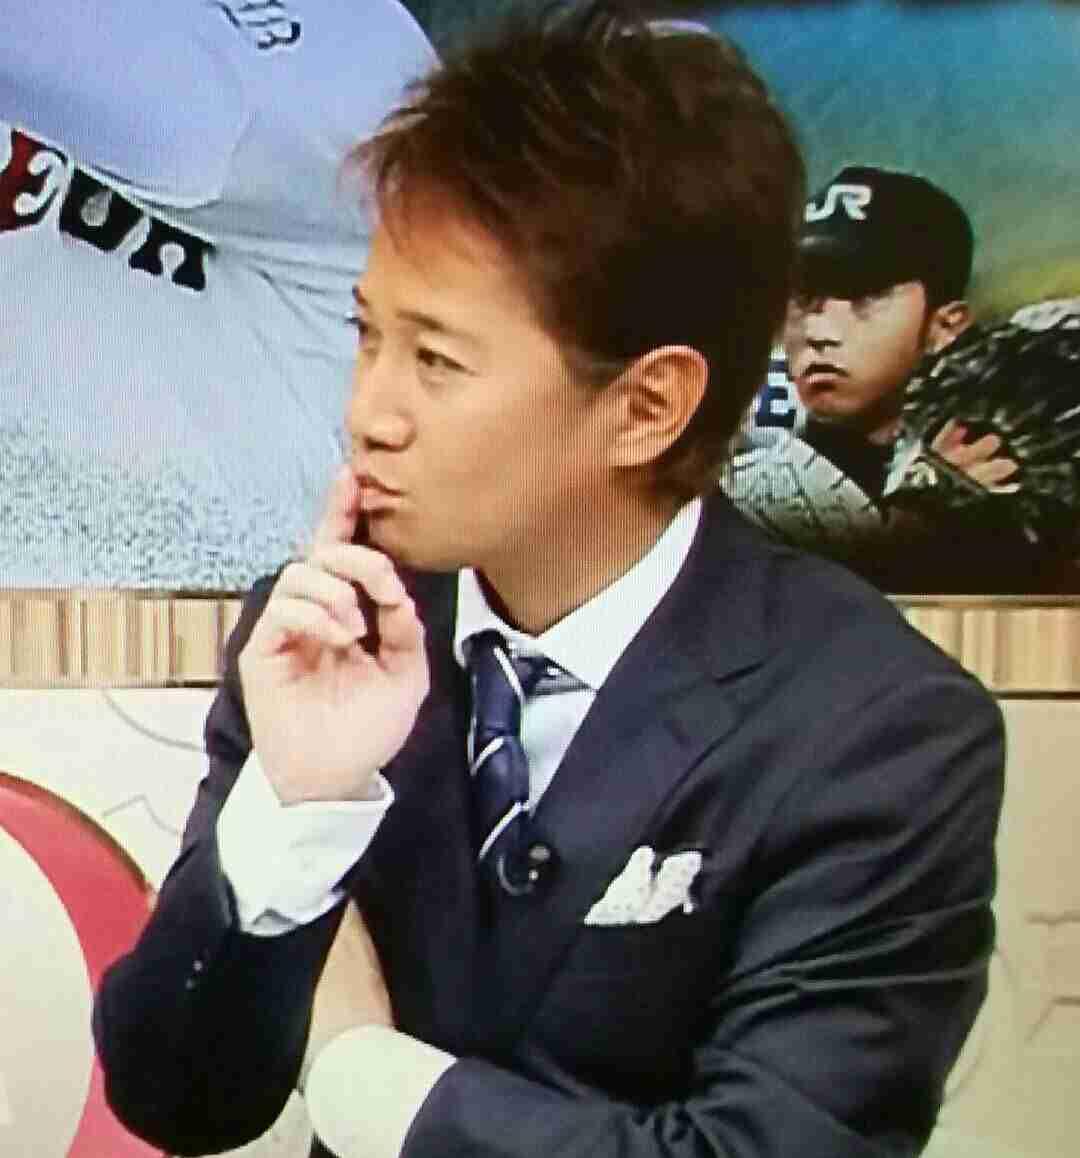 香取慎吾、NHKパラリンピック特番で進行役 新規で地上波出演は独立後初